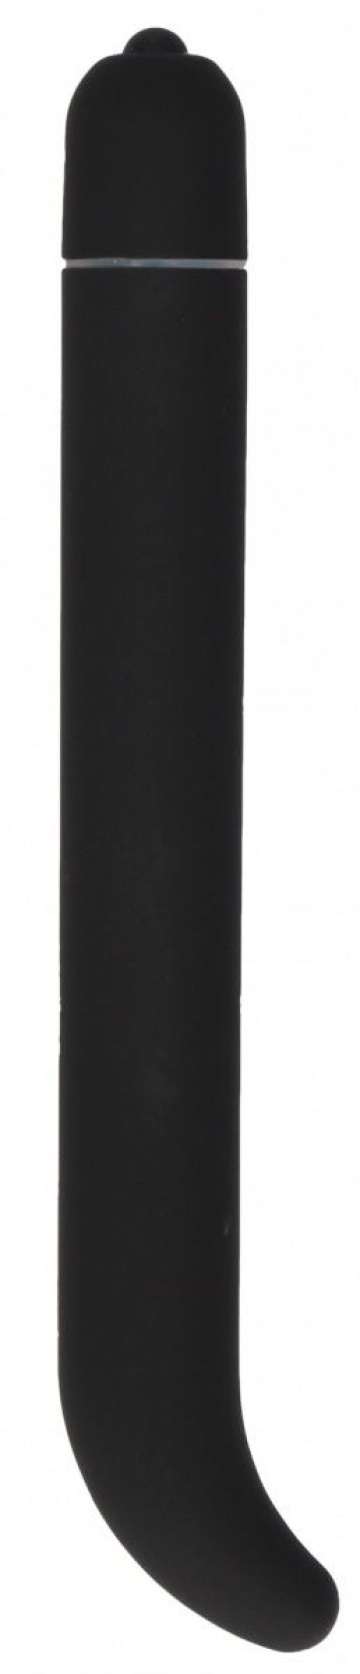 Черный компактный вибростимулятор G-Spot Vibrator - 16 см.